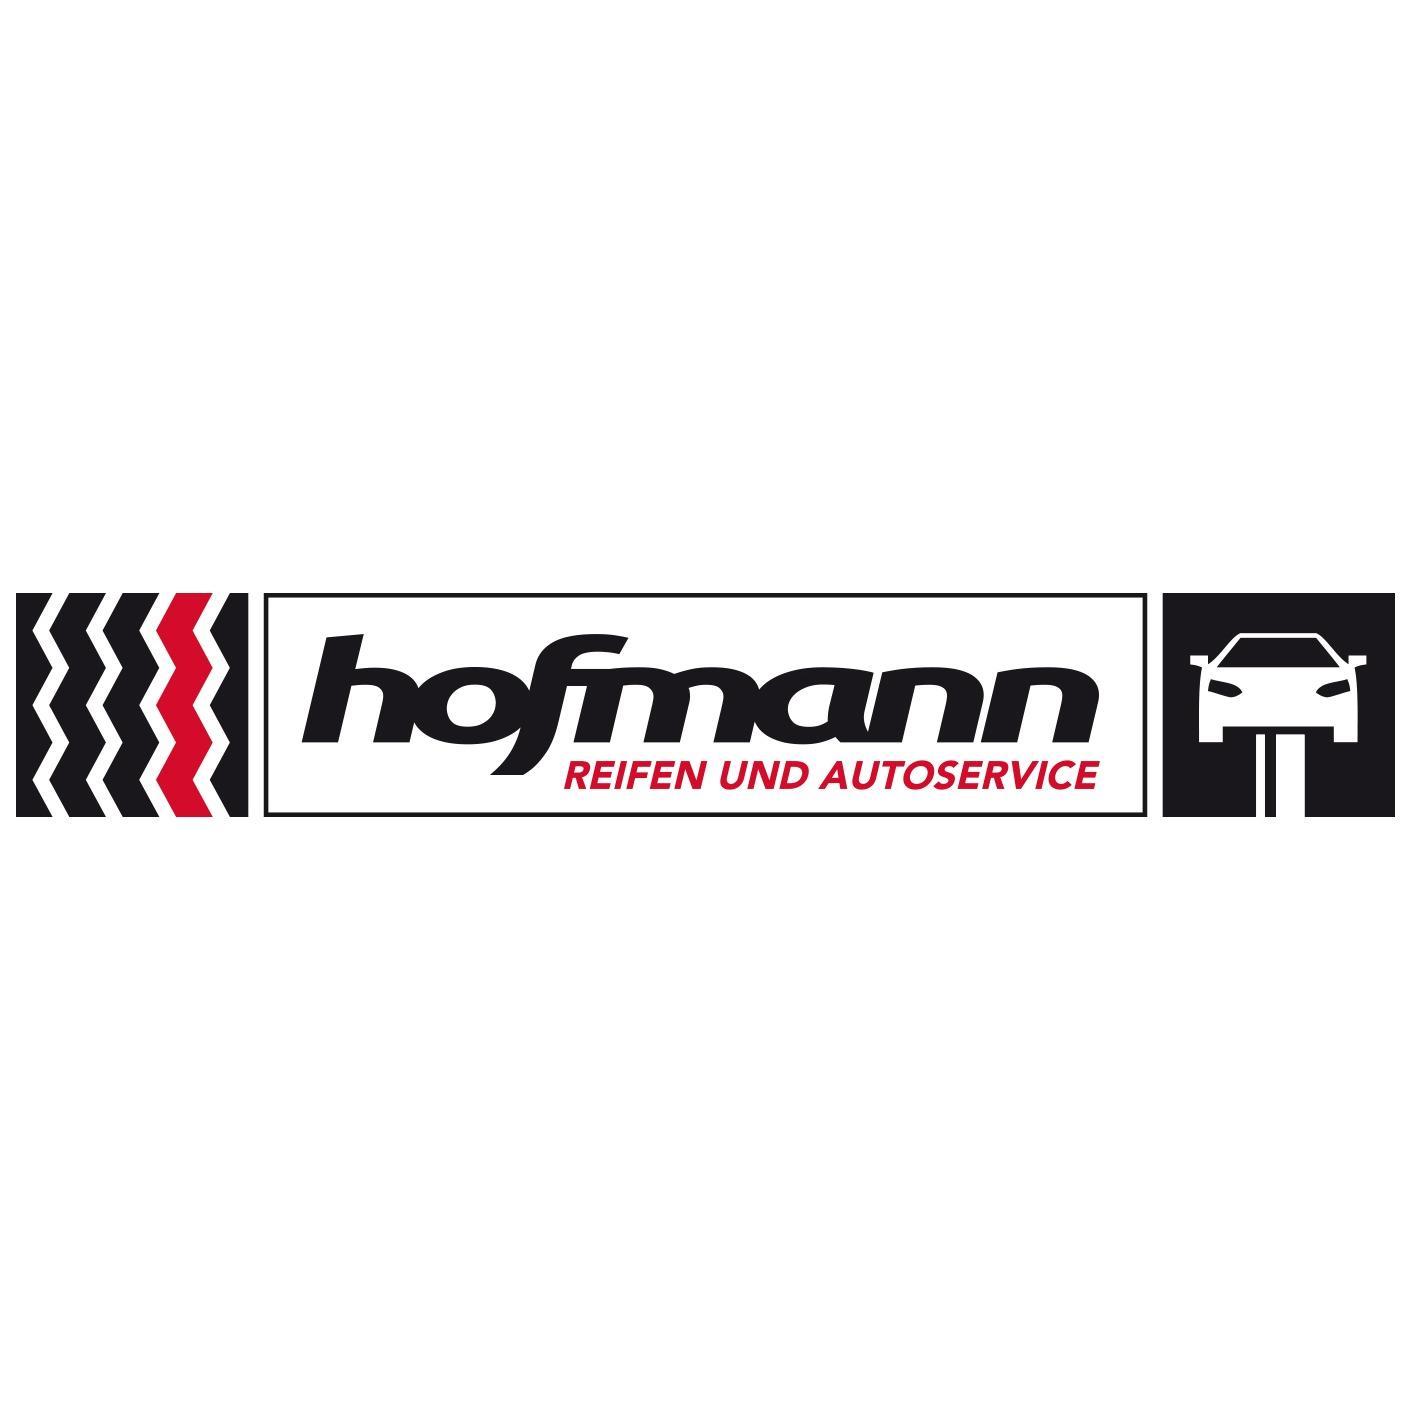 Reifenservice Hofmann & Co. Mühlhausen GmbH